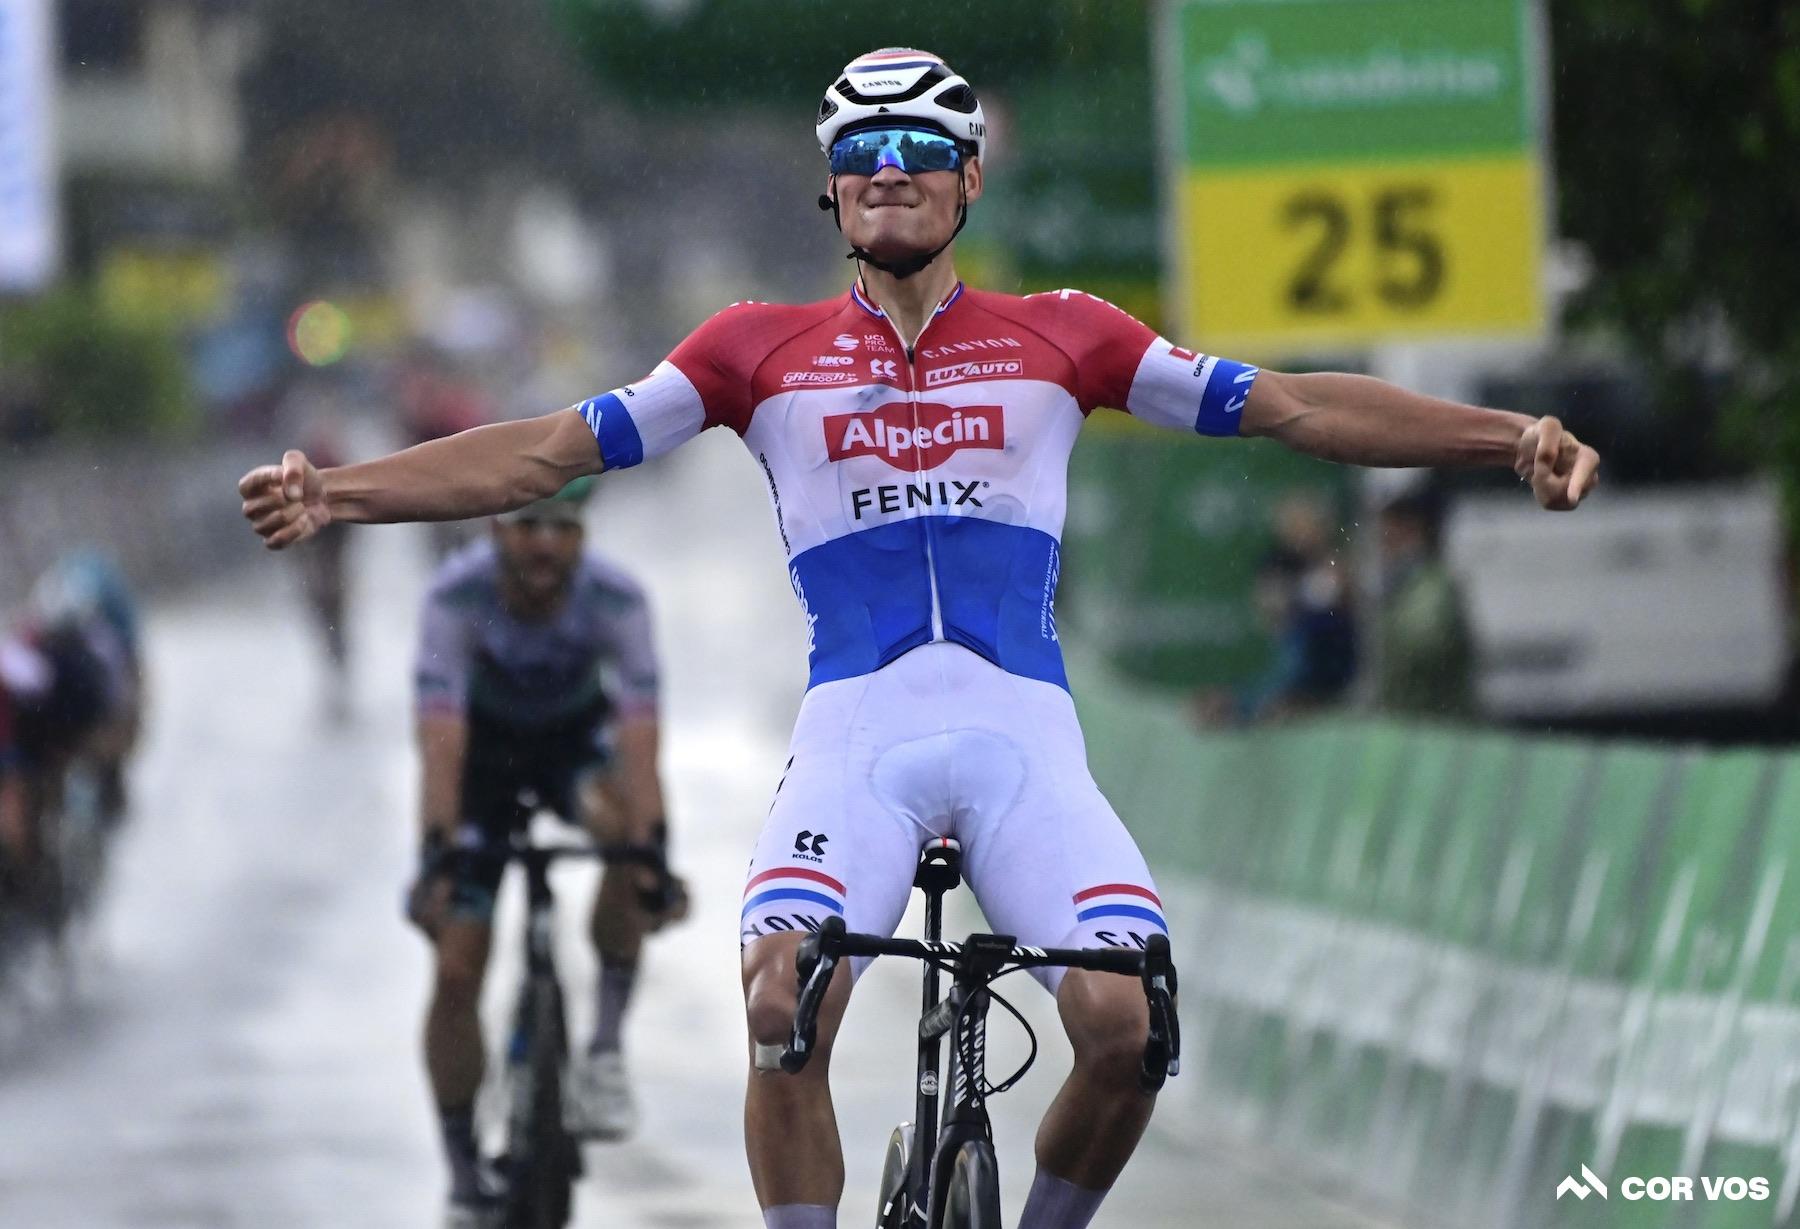 Mathieu van der Poel wint etappe 2 Tour de Suisse